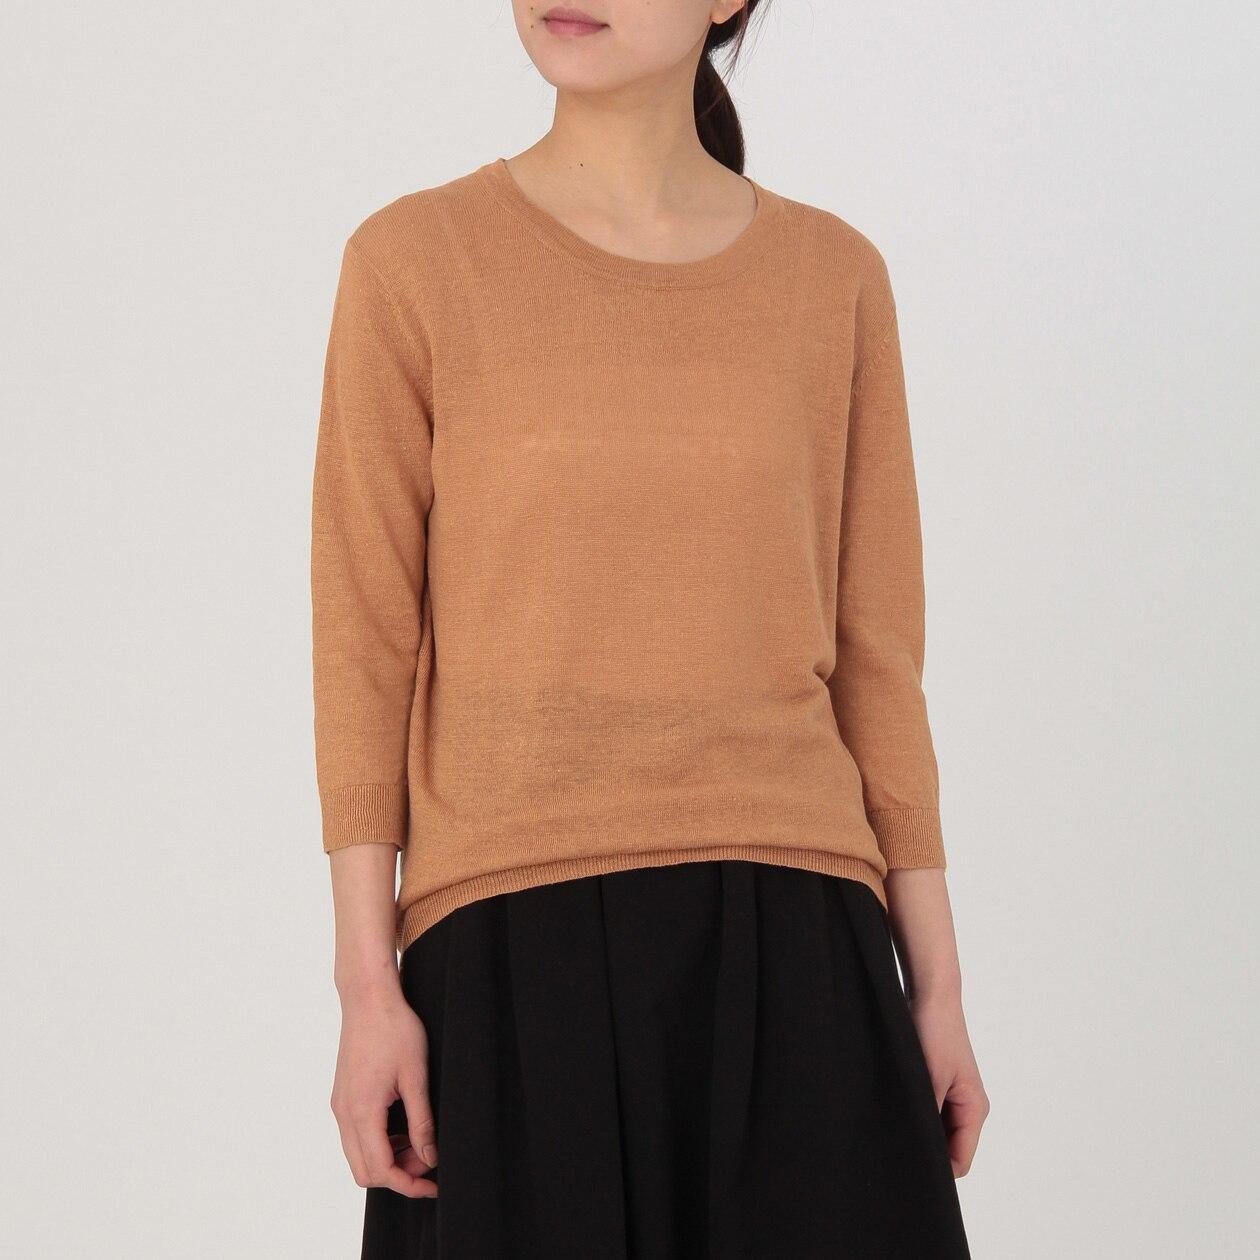 フレンチリネンUVカットラウンドネックセーター(七分袖)